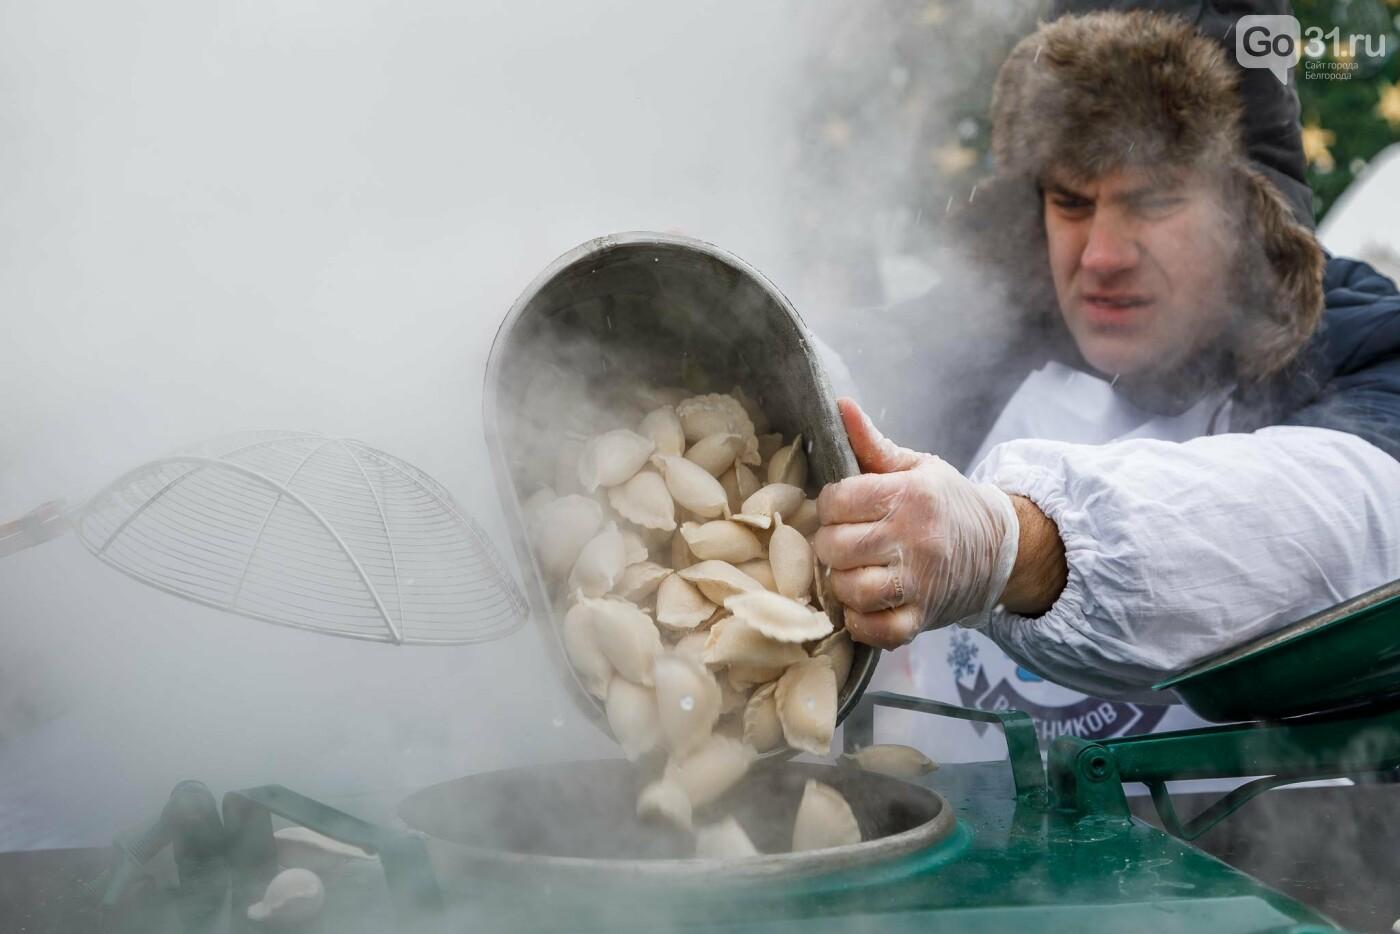 В Белгороде открылась фотовыставка «Зимние истории», фото-26, Фото: Антон Вергун